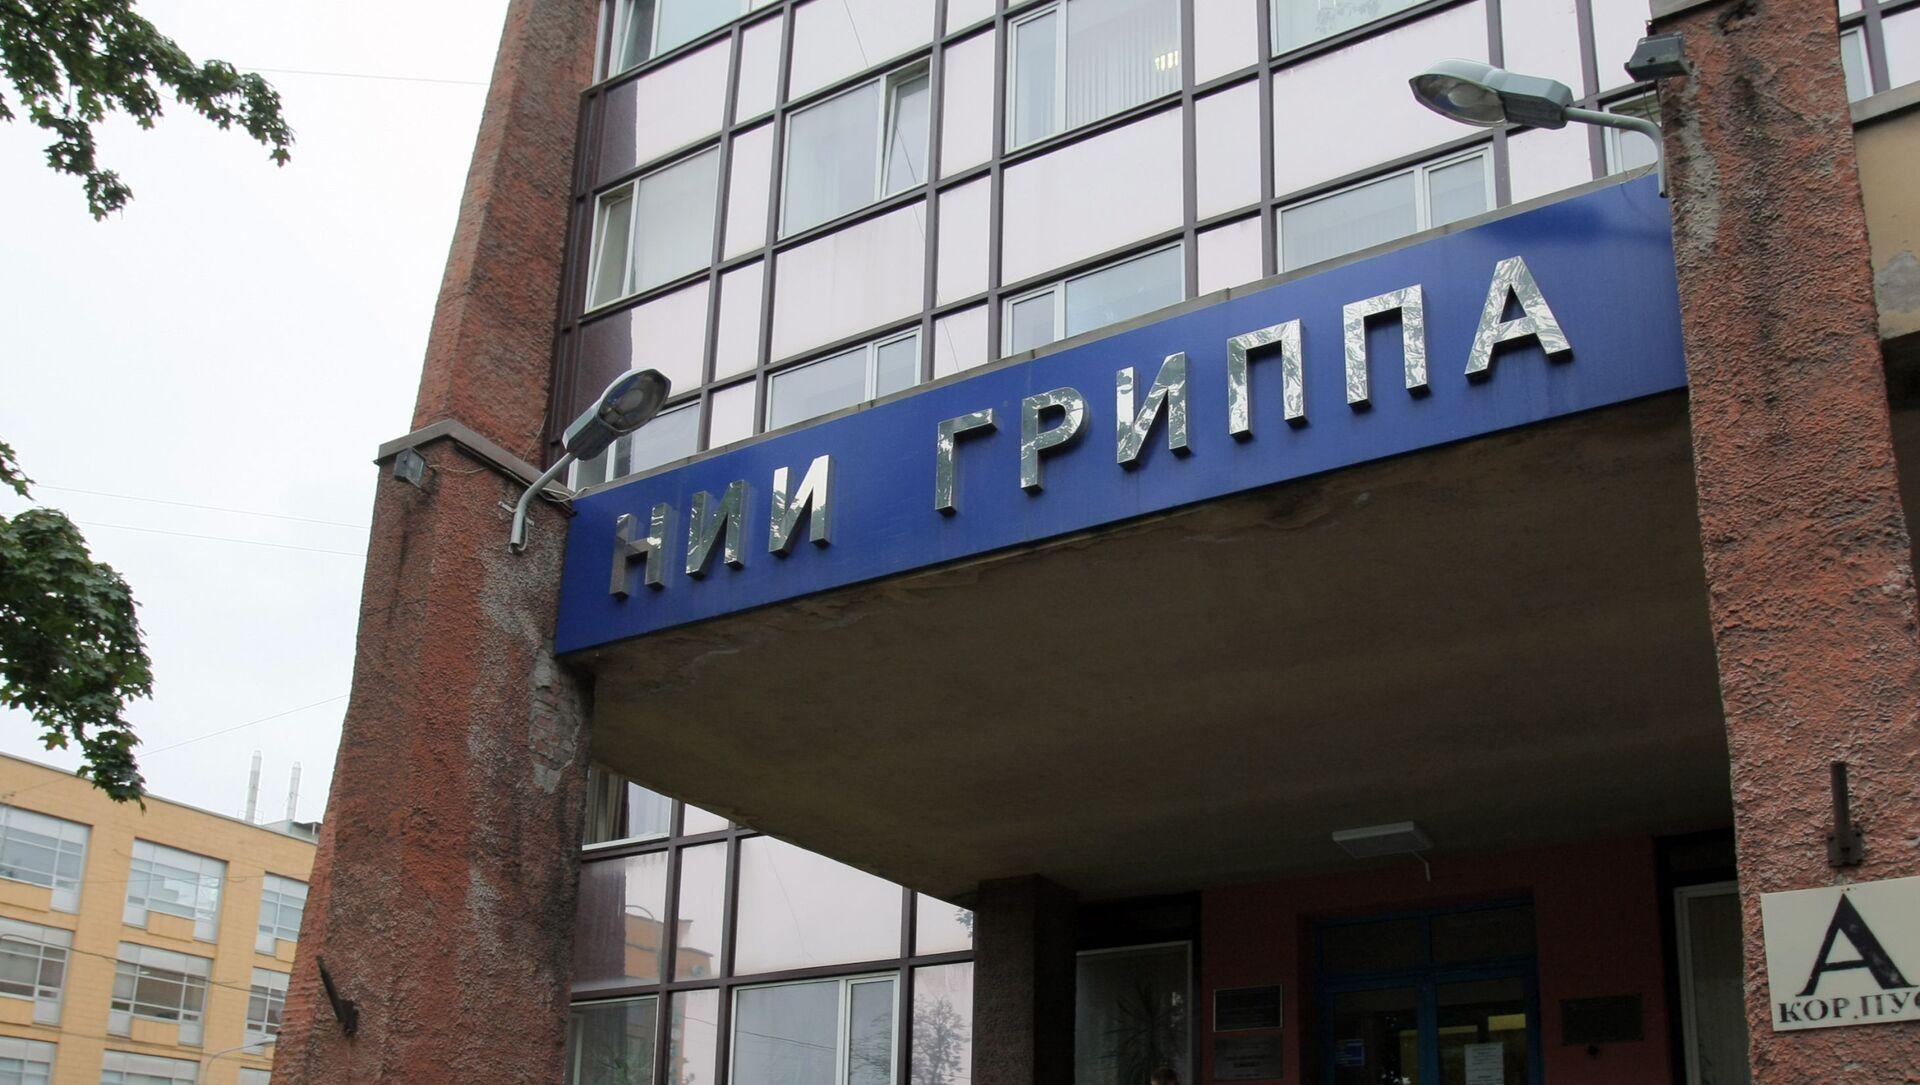 НИИ гриппа в Санкт-Петербурге  - Sputnik Беларусь, 1920, 10.04.2021